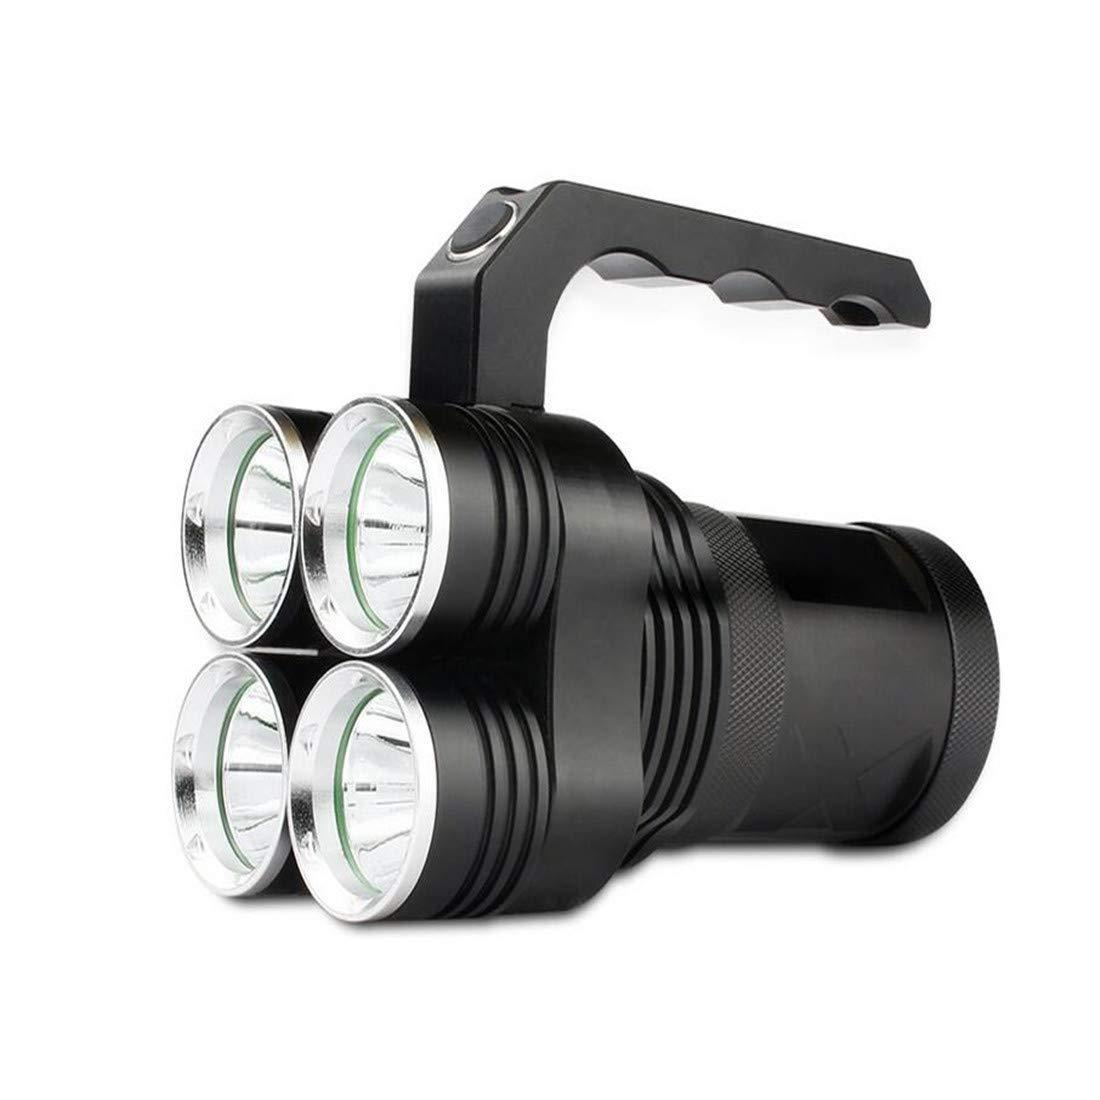 Moderne kronleuchter scheinwerfer 1000 lumen xml-t6 led tragbare scheinwerfer blendung aluminiumlegierung notfall taschenlampe taschenlampe